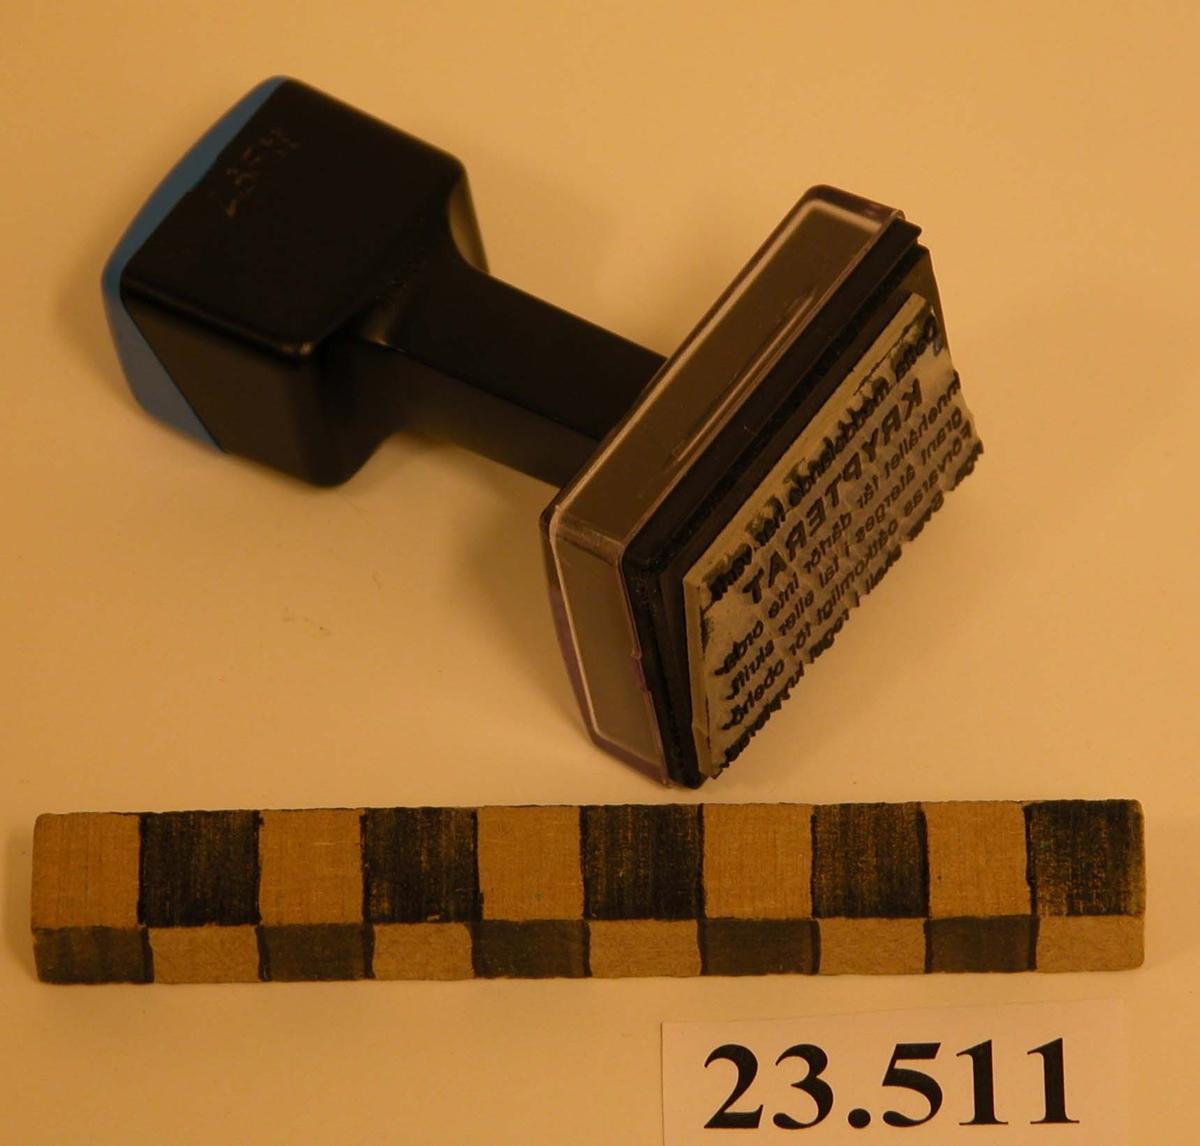 Stämpel bestående av svart och blått plasthandtag, rektangulär form. Stämpelfot rektangulär form av transparant plast med gummidyna. På stämpelfotens ovansida vitt papper med svart text som återfinns på stämpeldynan: Detta meddelande har varit KRYPTERAT innehållet får därför inte ordagrant återges i tal eller skrift. Förvaras oåtkomligt för obehöriga. Svar skall i regel krypteras. Rund svart etikett på handtaget anger tillverkare: HAMMARGRENS STÄMPLAR *040-103880* BOX 6066 20011 MALÖMÖ.